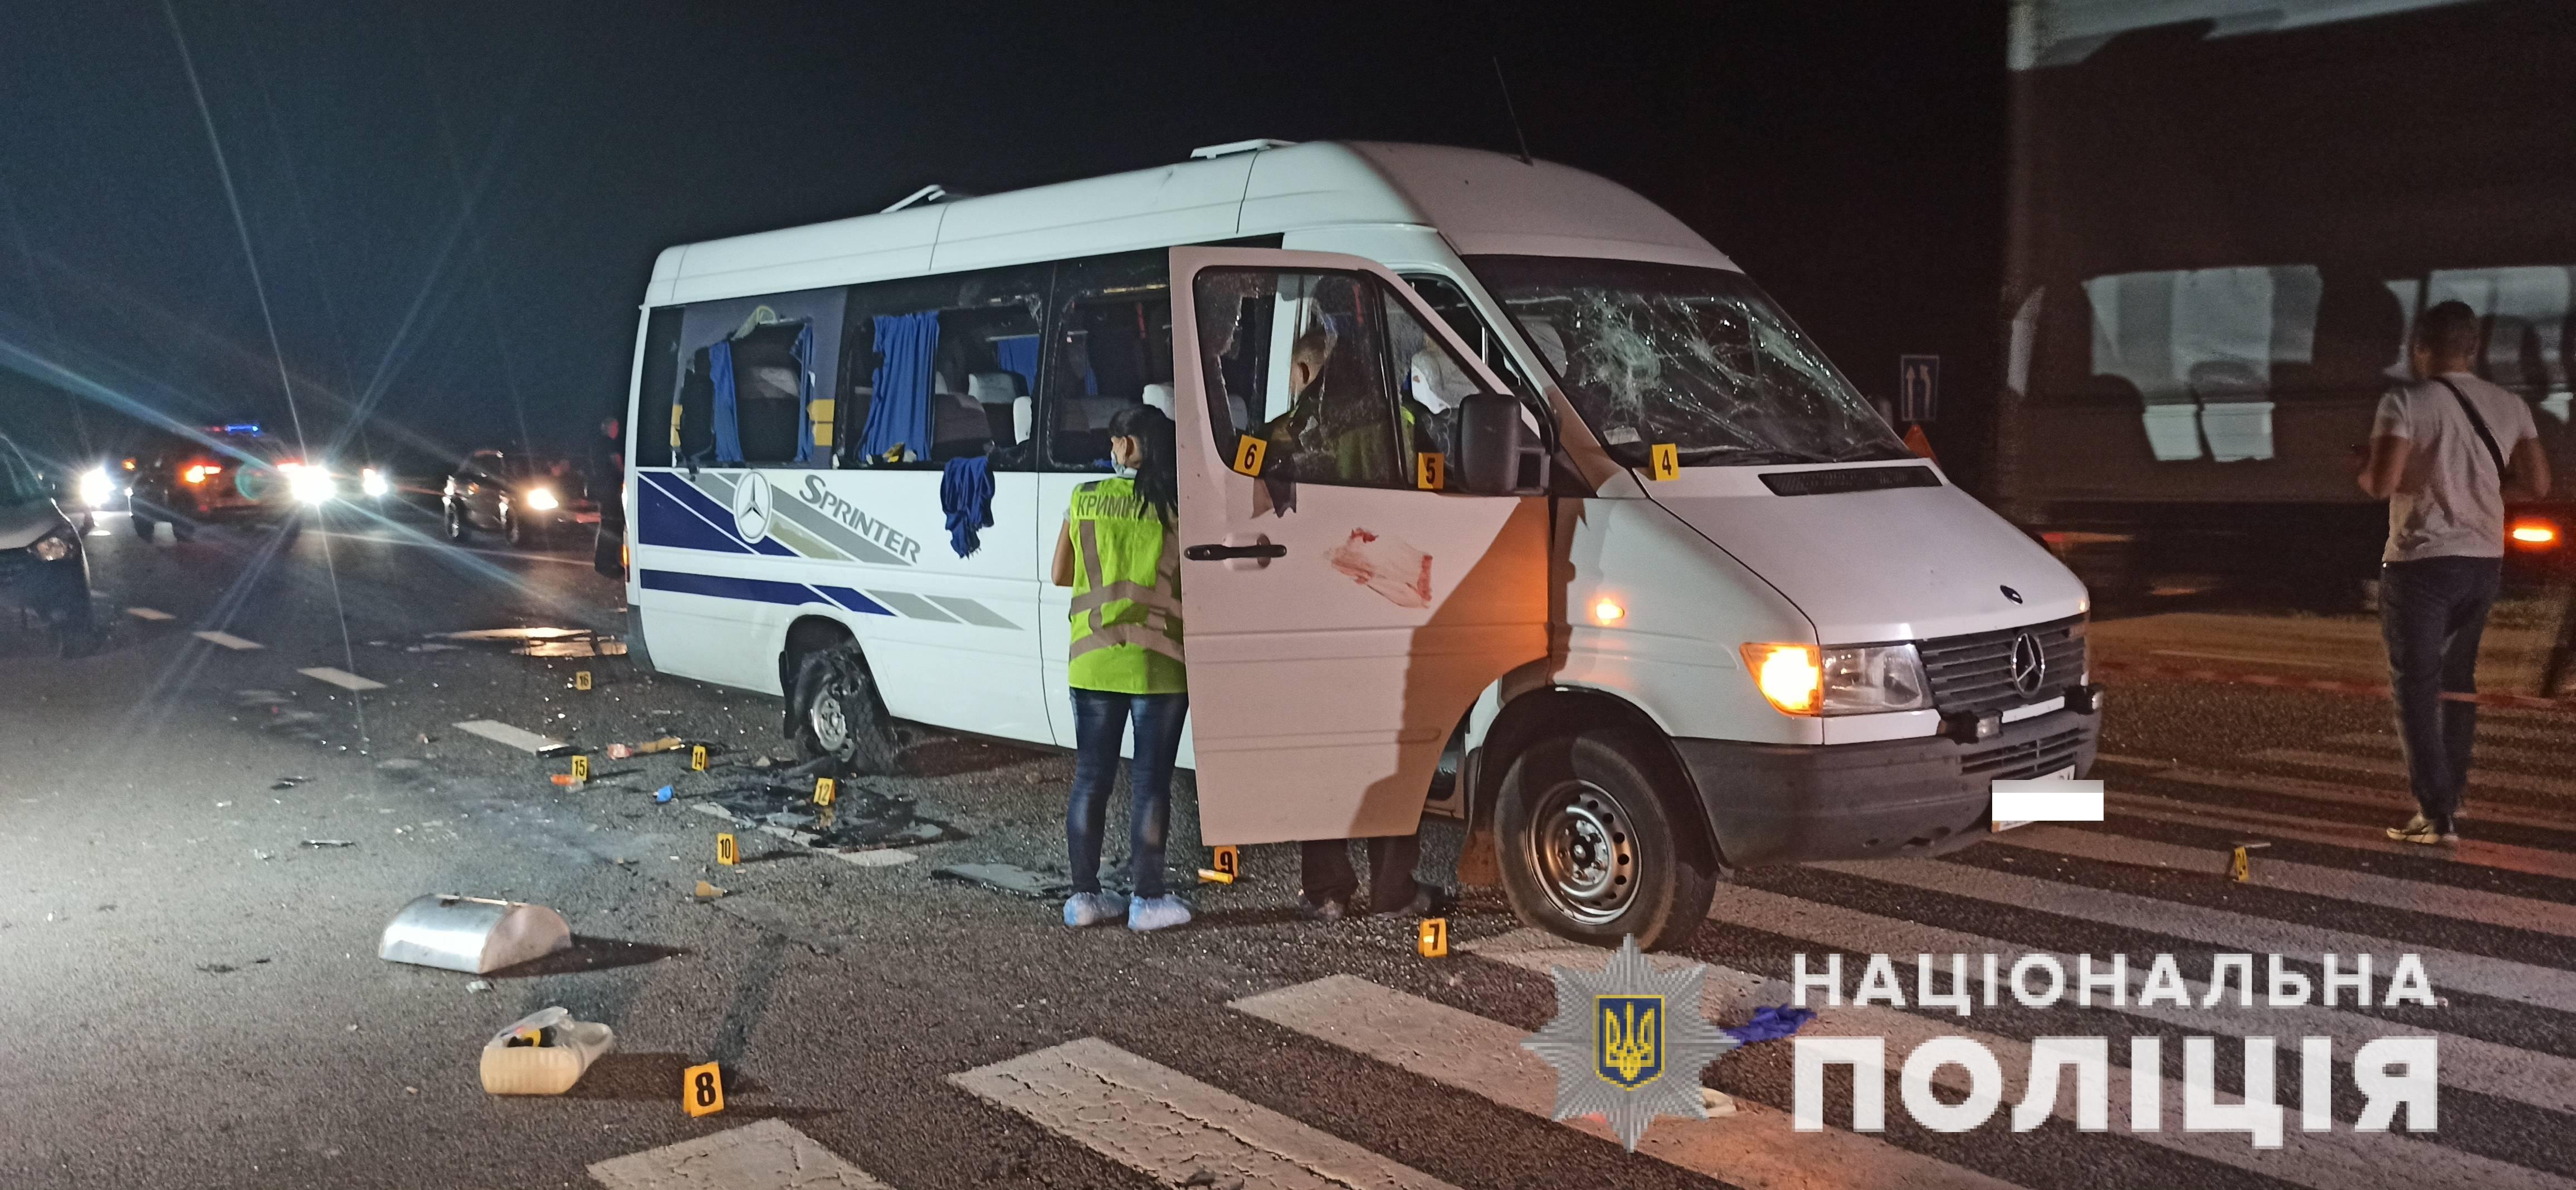 В прокуратуре сообщили о мере пресечения подозреваемым в нападении на автобус в Люботине